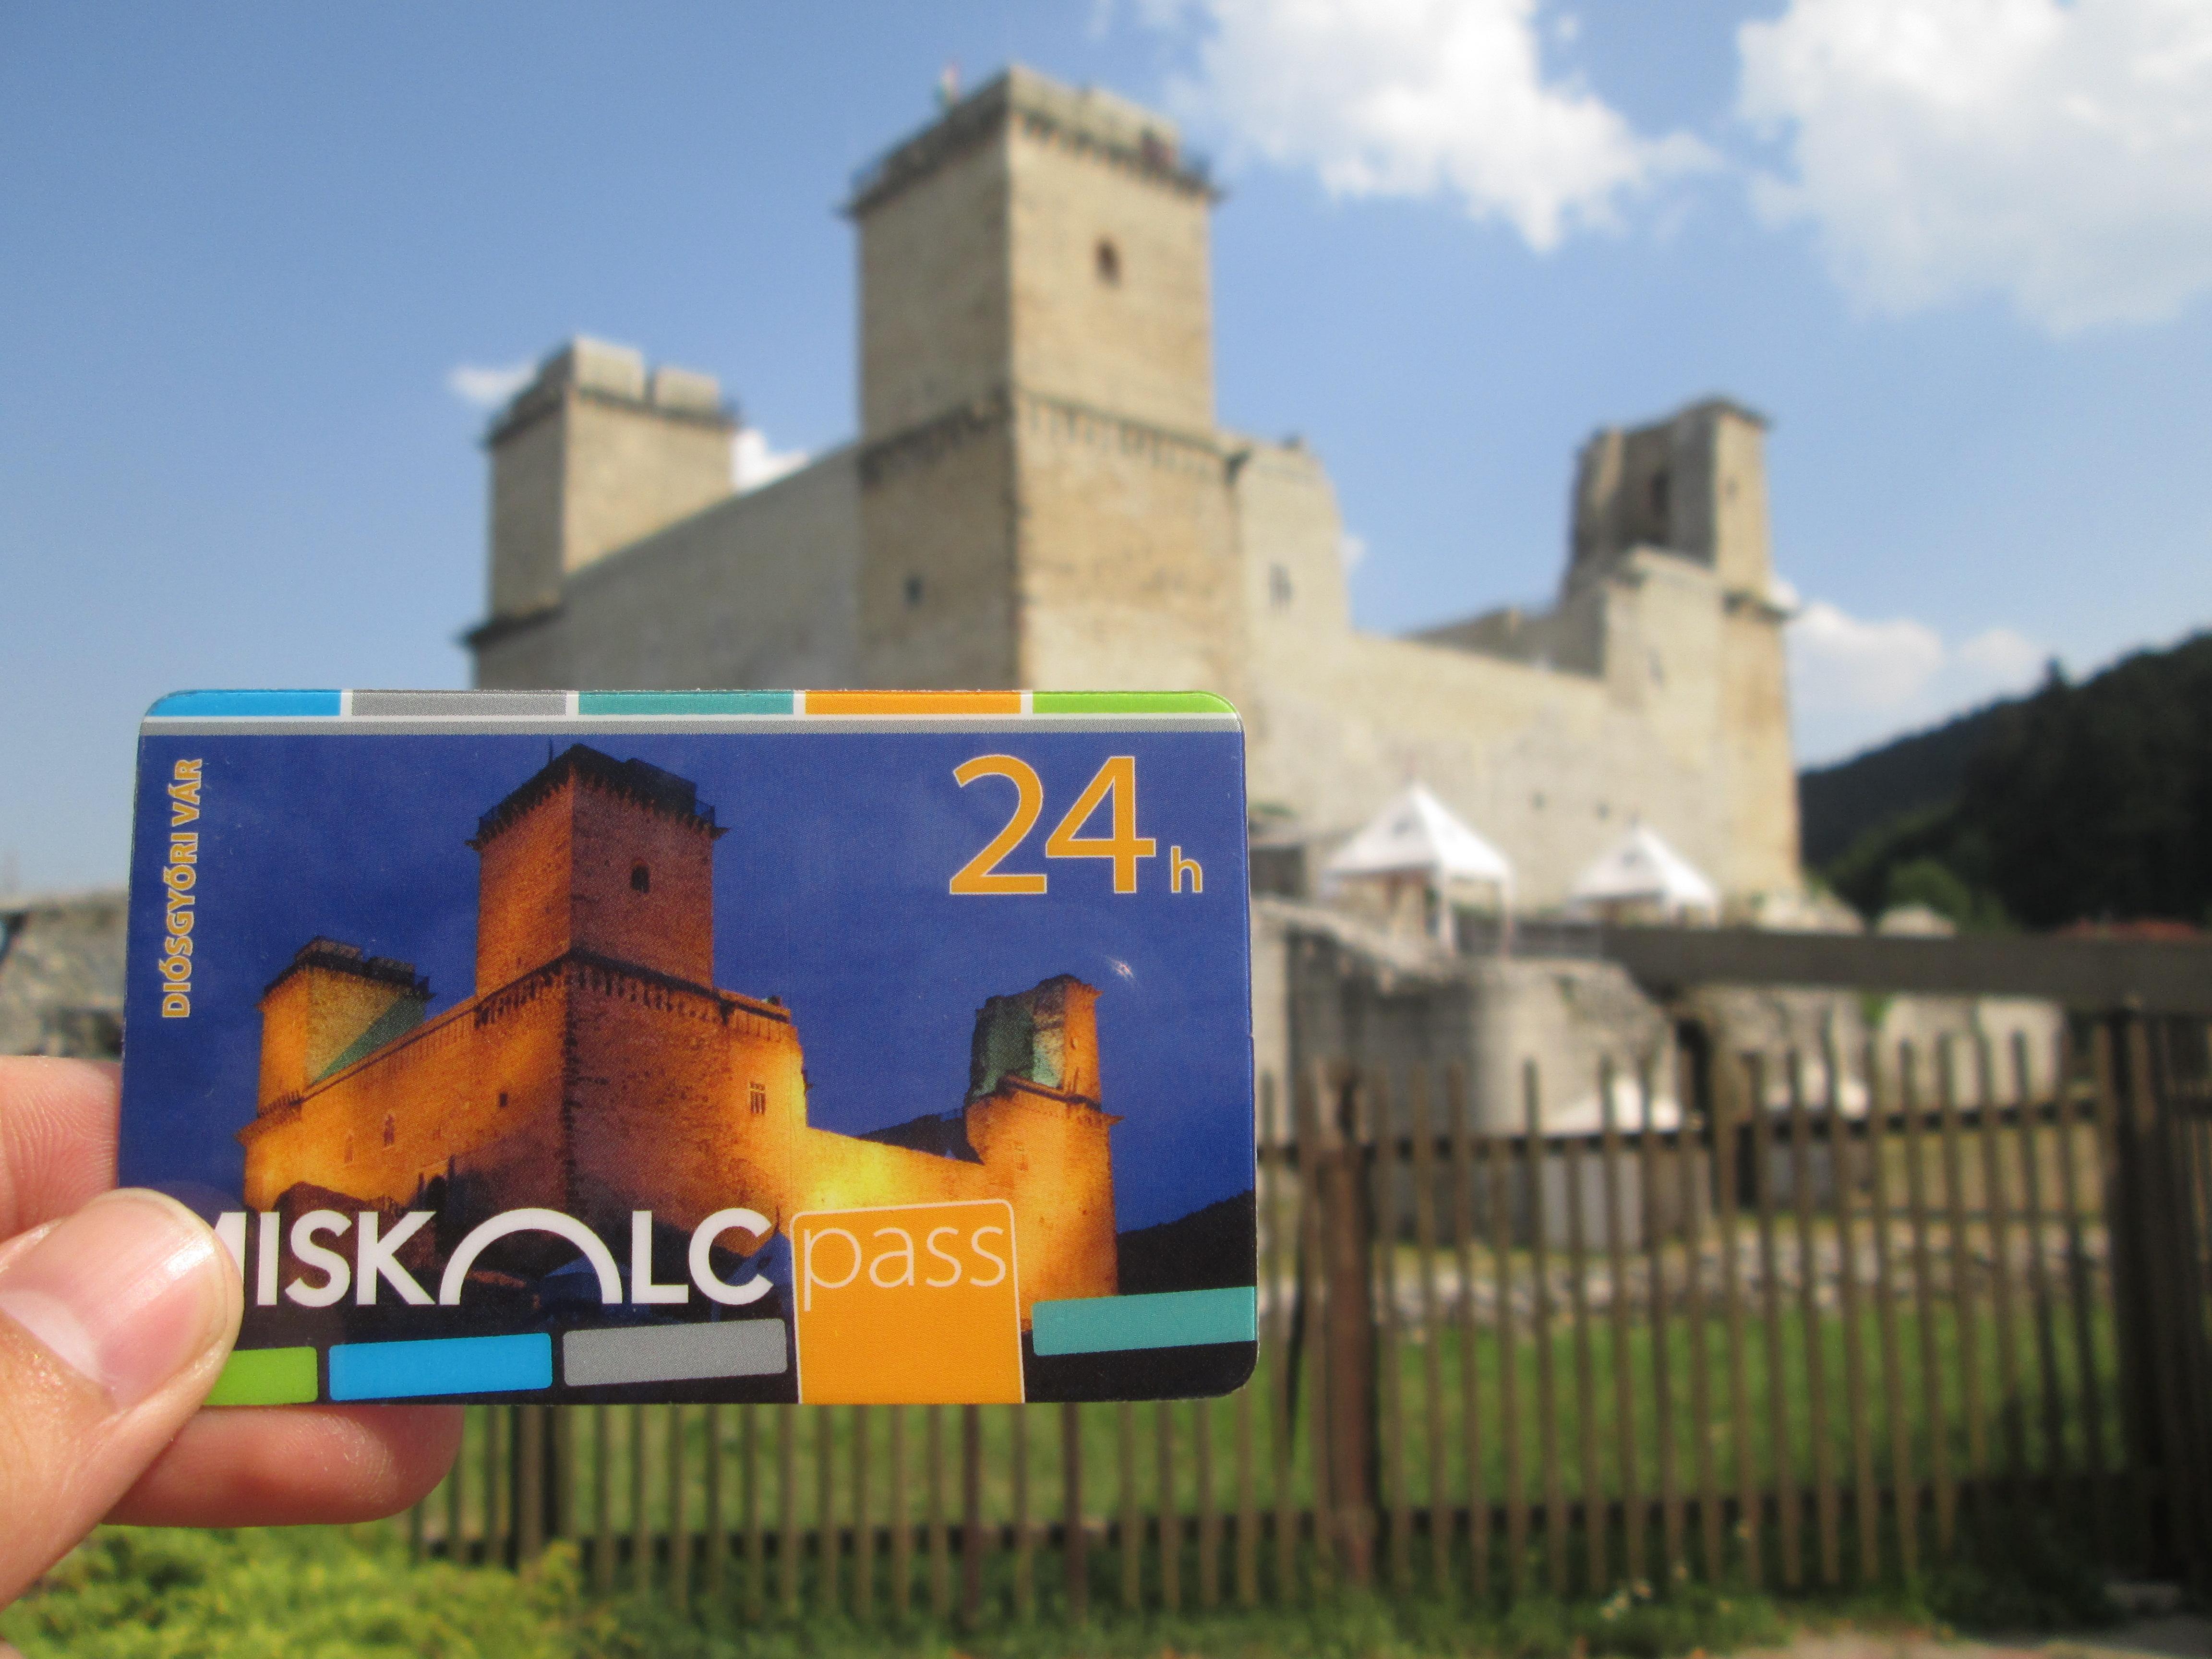 miskolc_pass_24_h.JPG